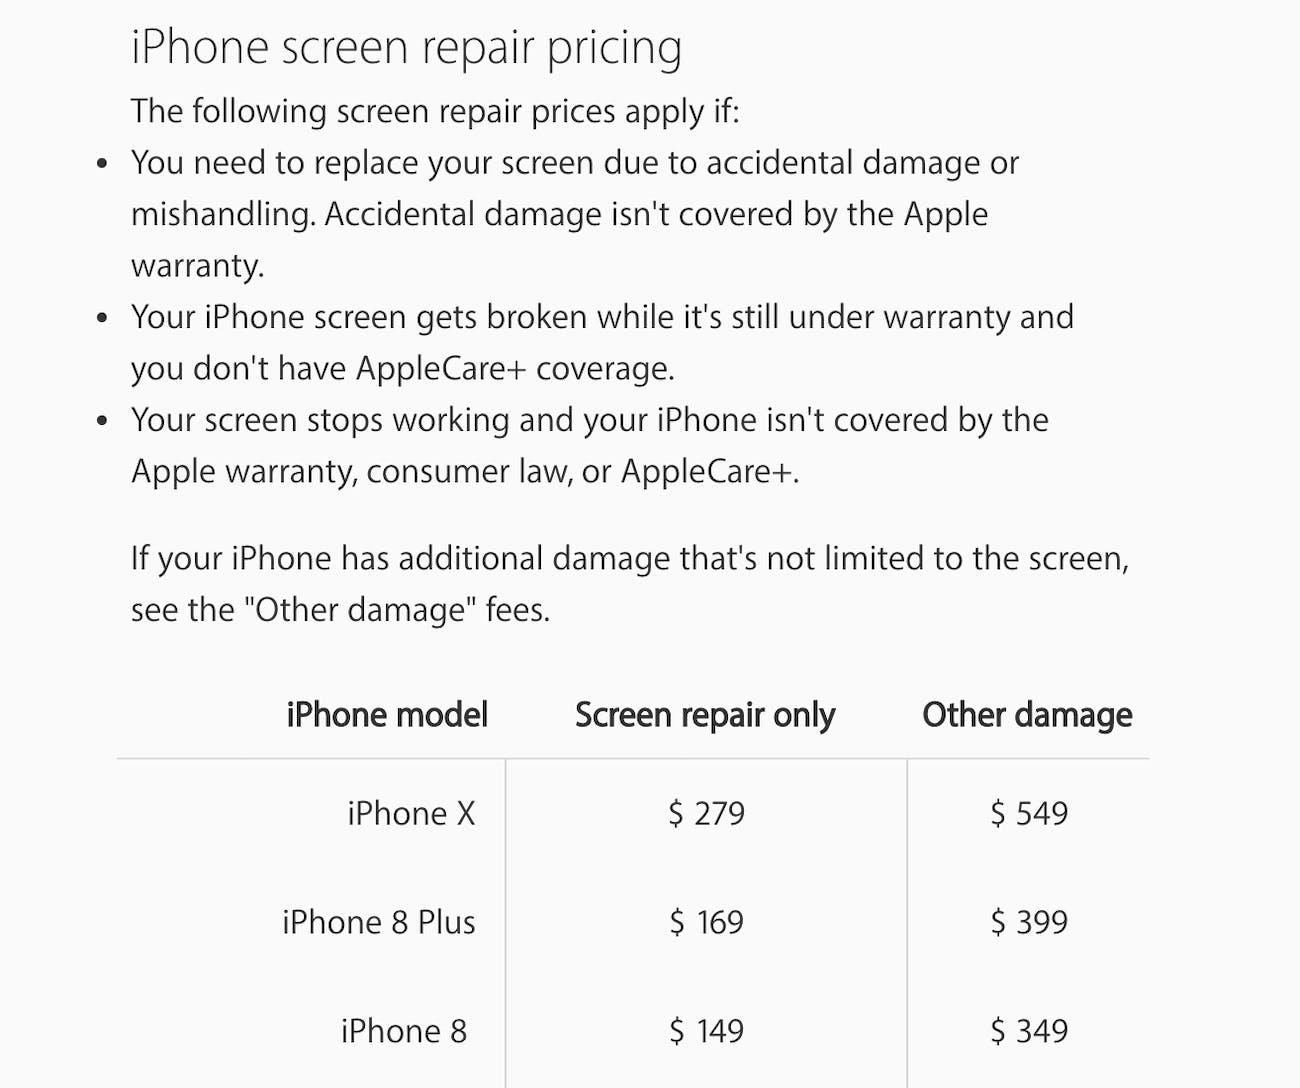 apple phone repair pricing